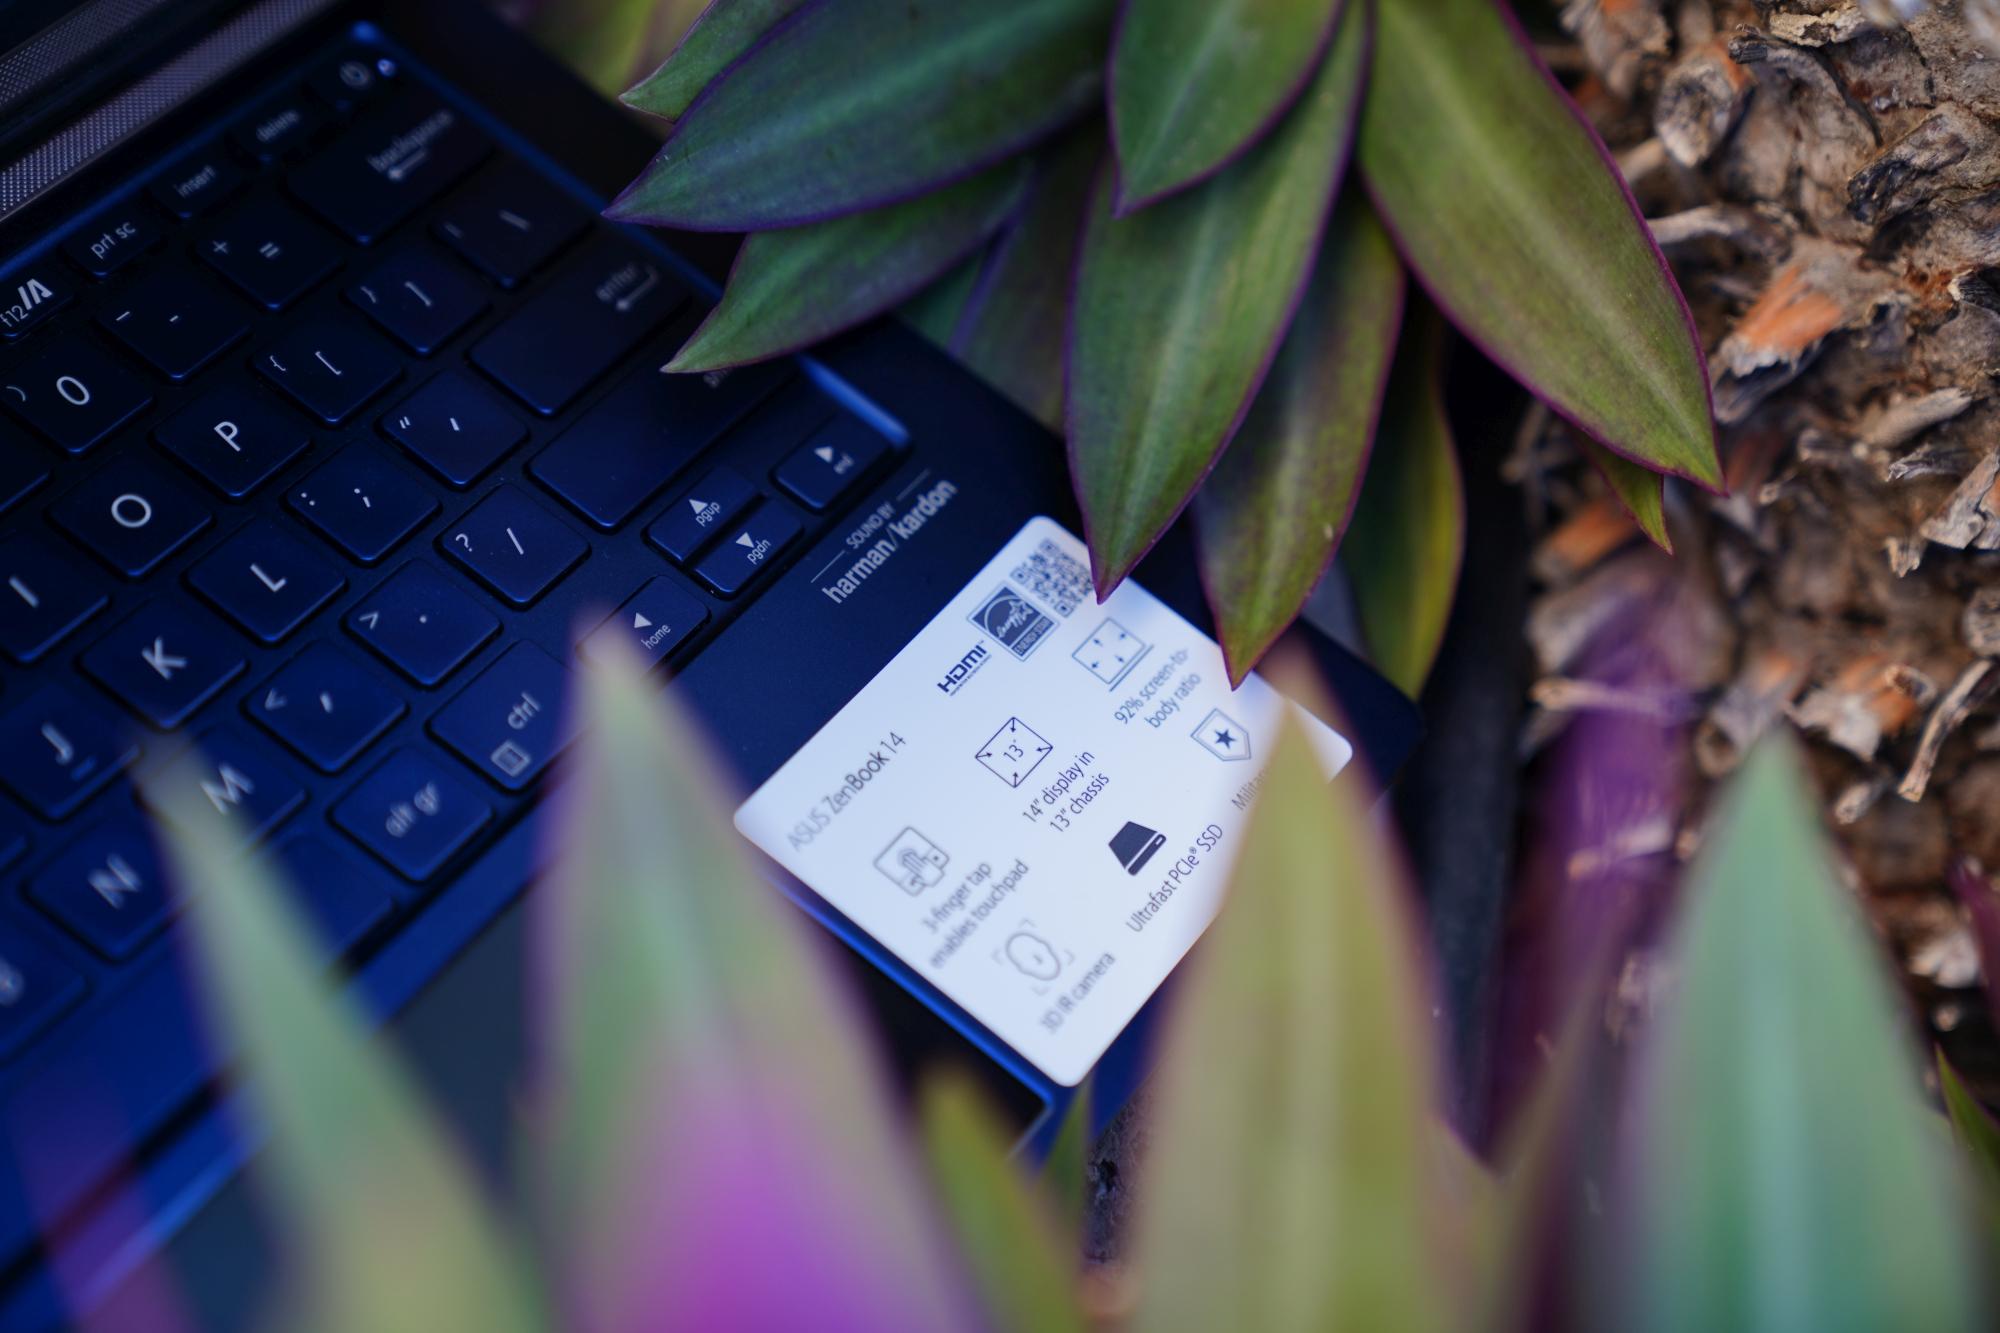 Asus Zenbook 14 (UX434F) - recenzja laptopa, do którego mam słabość